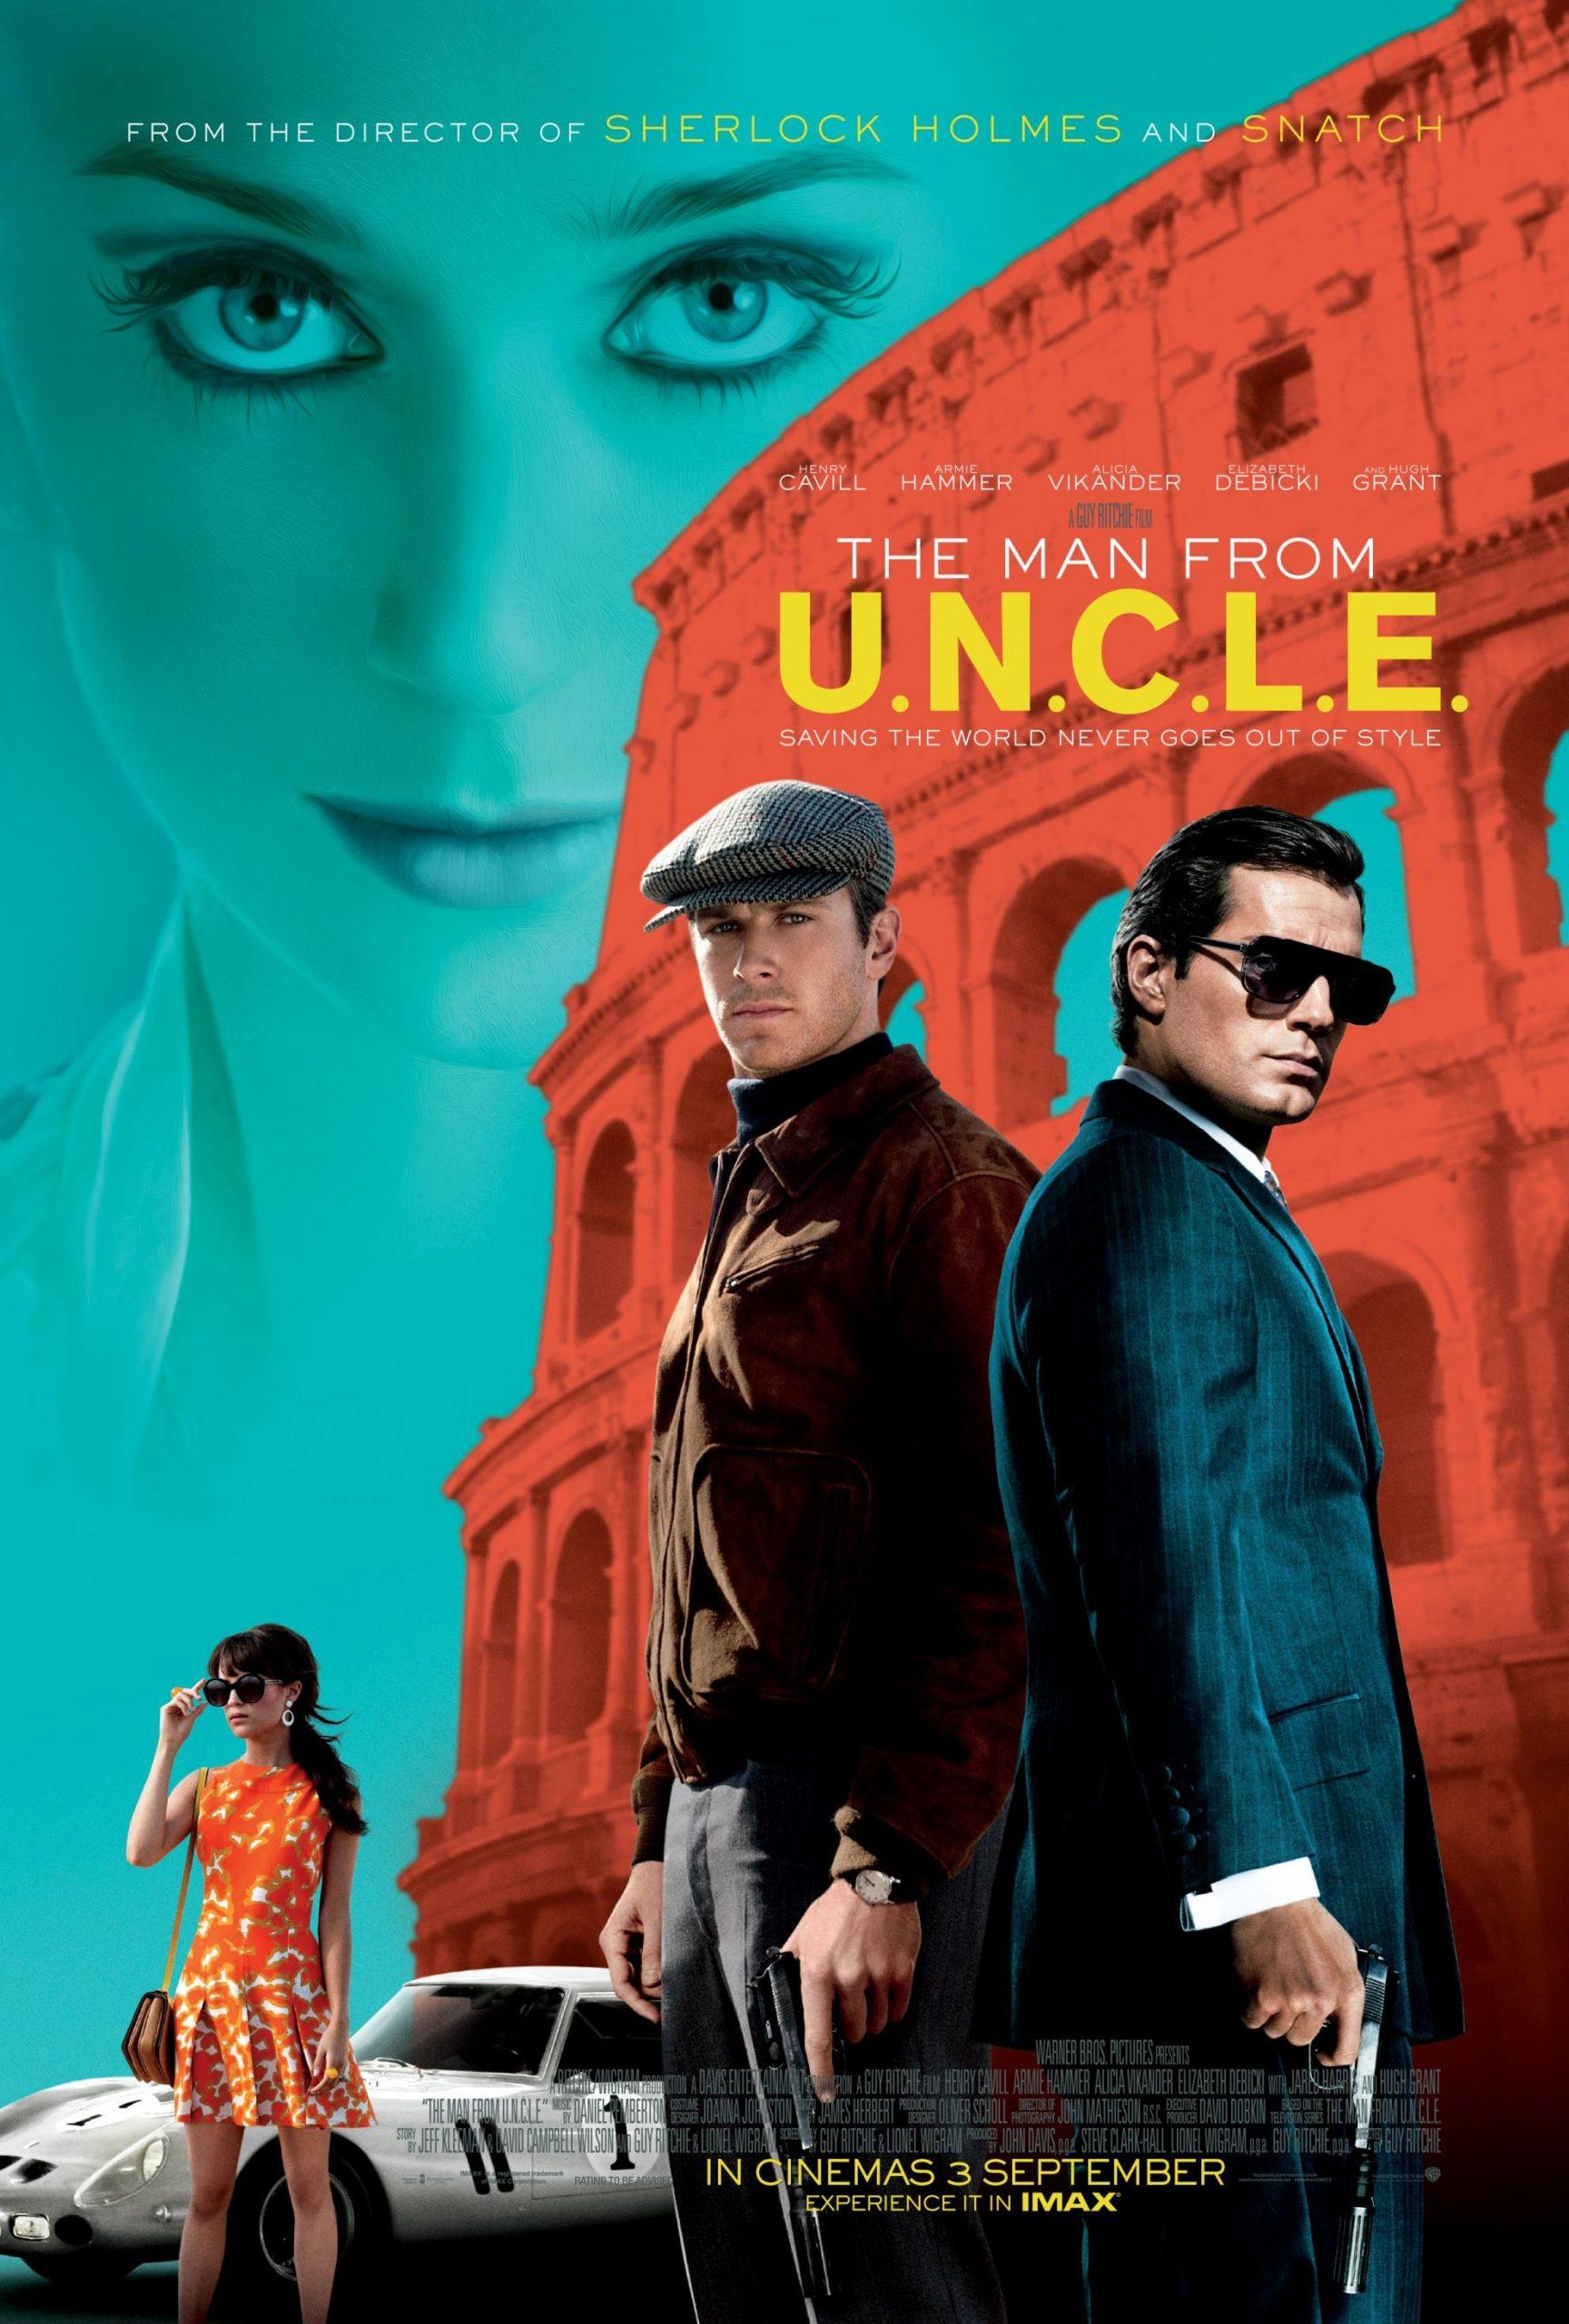 دانلود فیلم The Man from U.N.C.L.E. 2015 با دوبله فارسی